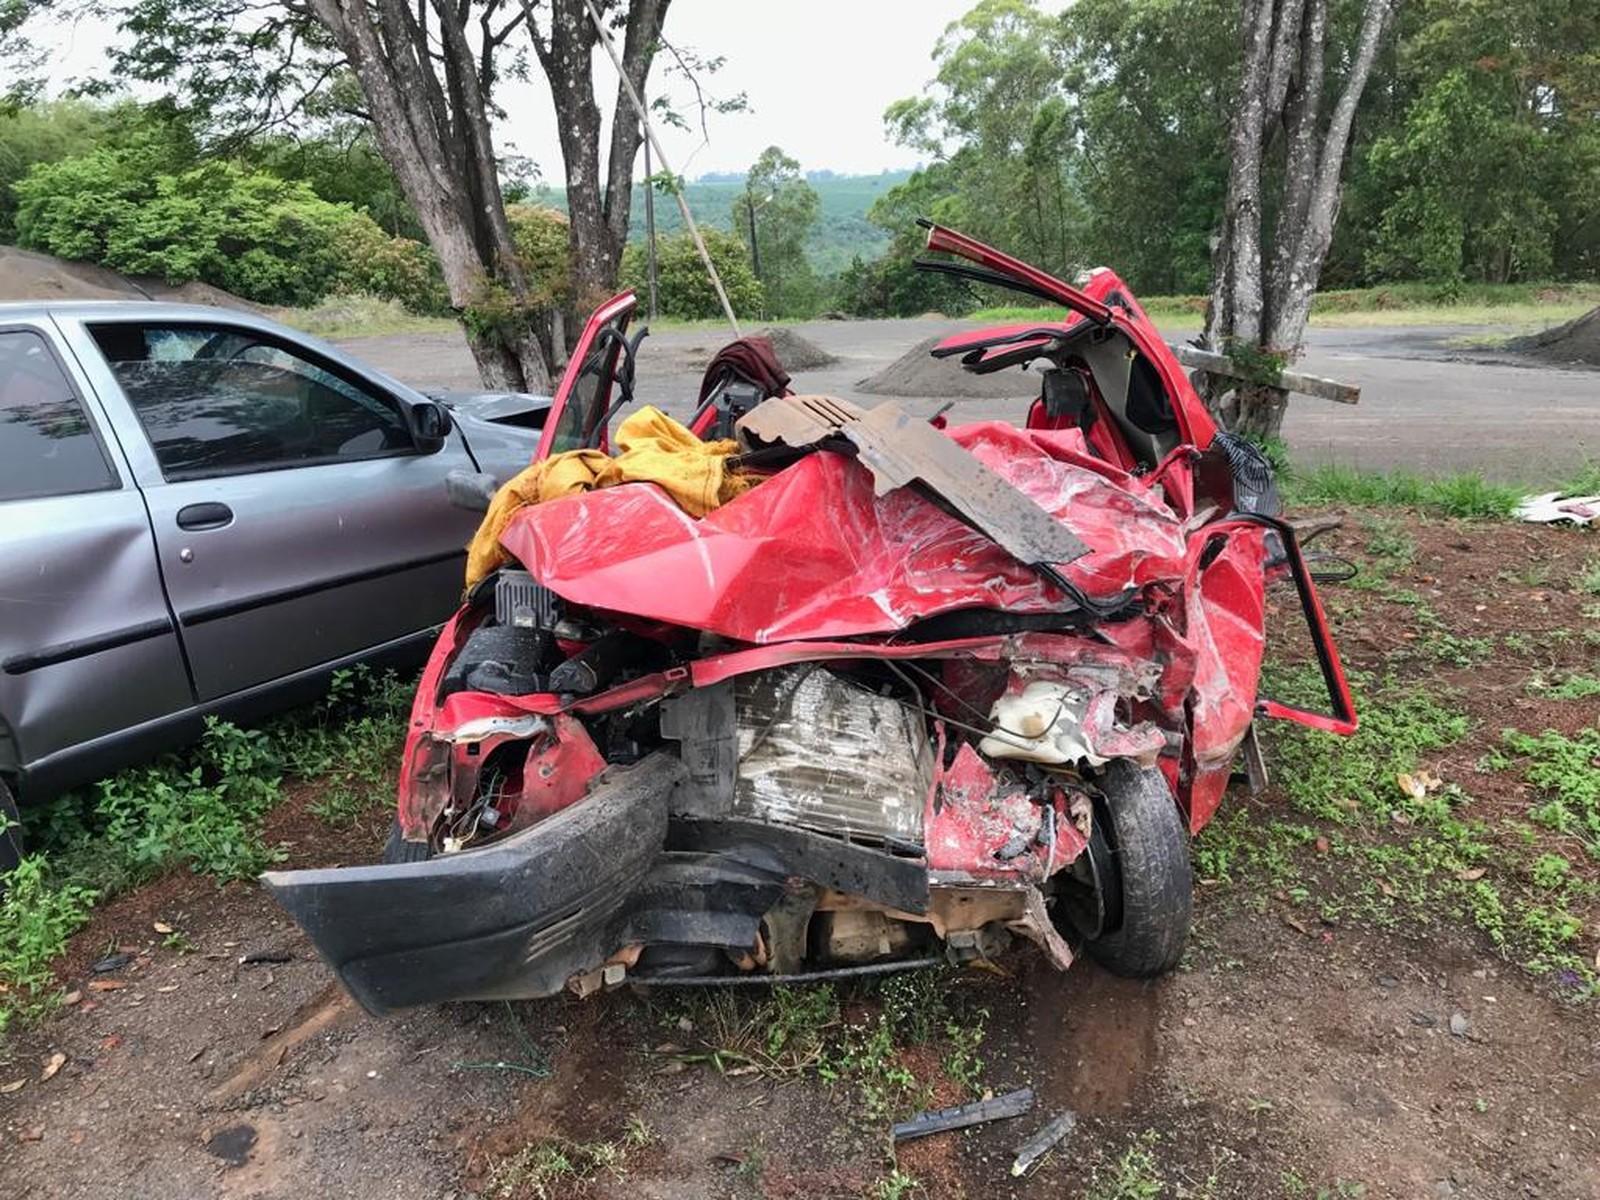 Acidente  deixa cinco mortos e dois feridos em rodovia no interior do Paraná